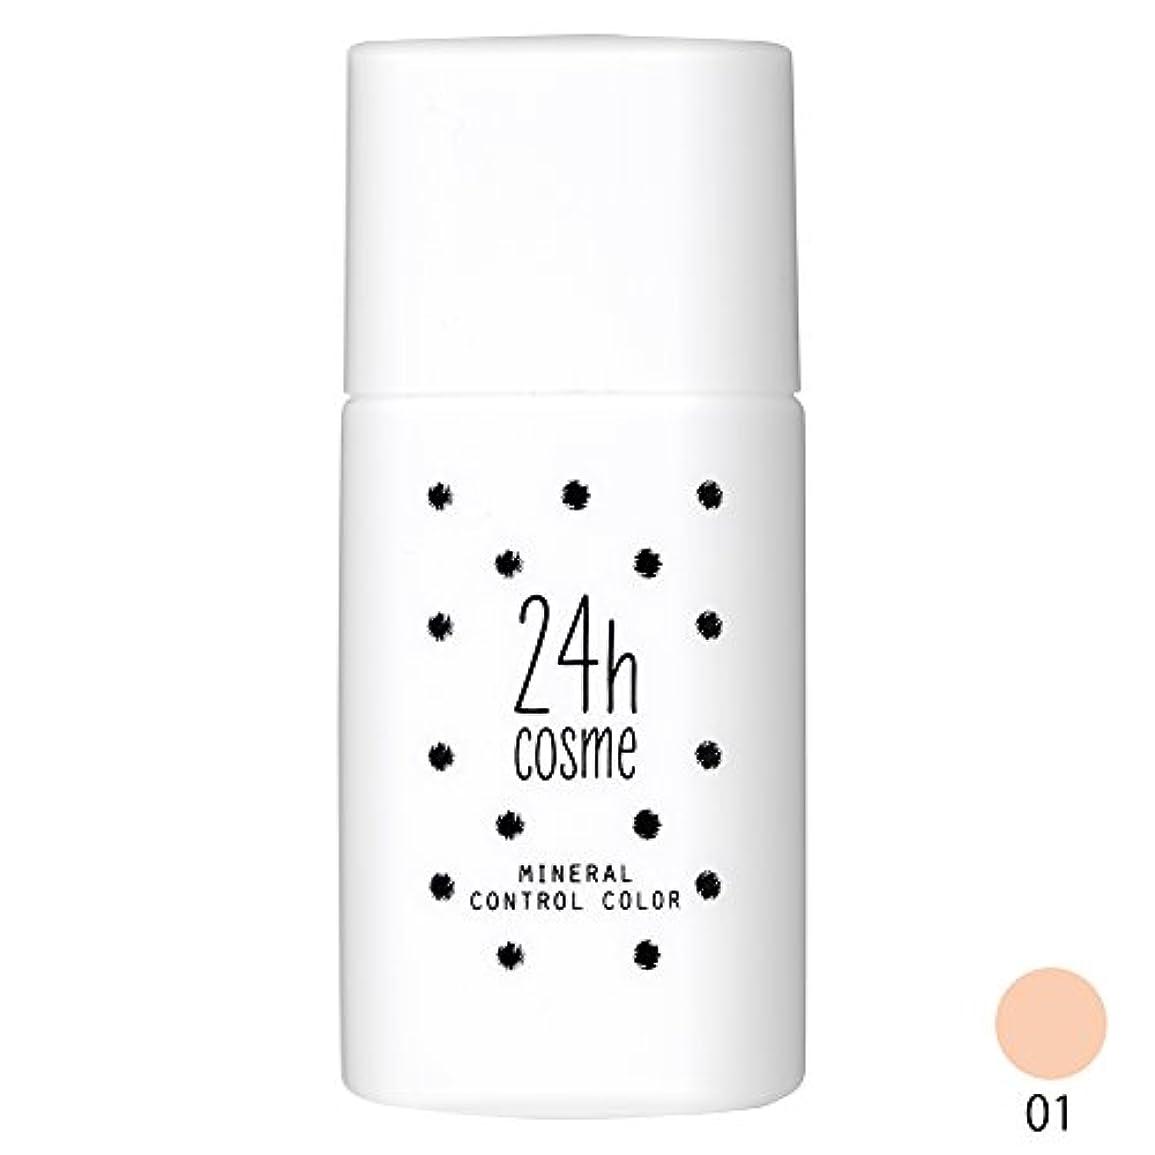 ふけるブラケット遺伝子24h cosme 24 コントロールベースカラー 01ブライトピンク 肌に優しい化粧下地 20ml